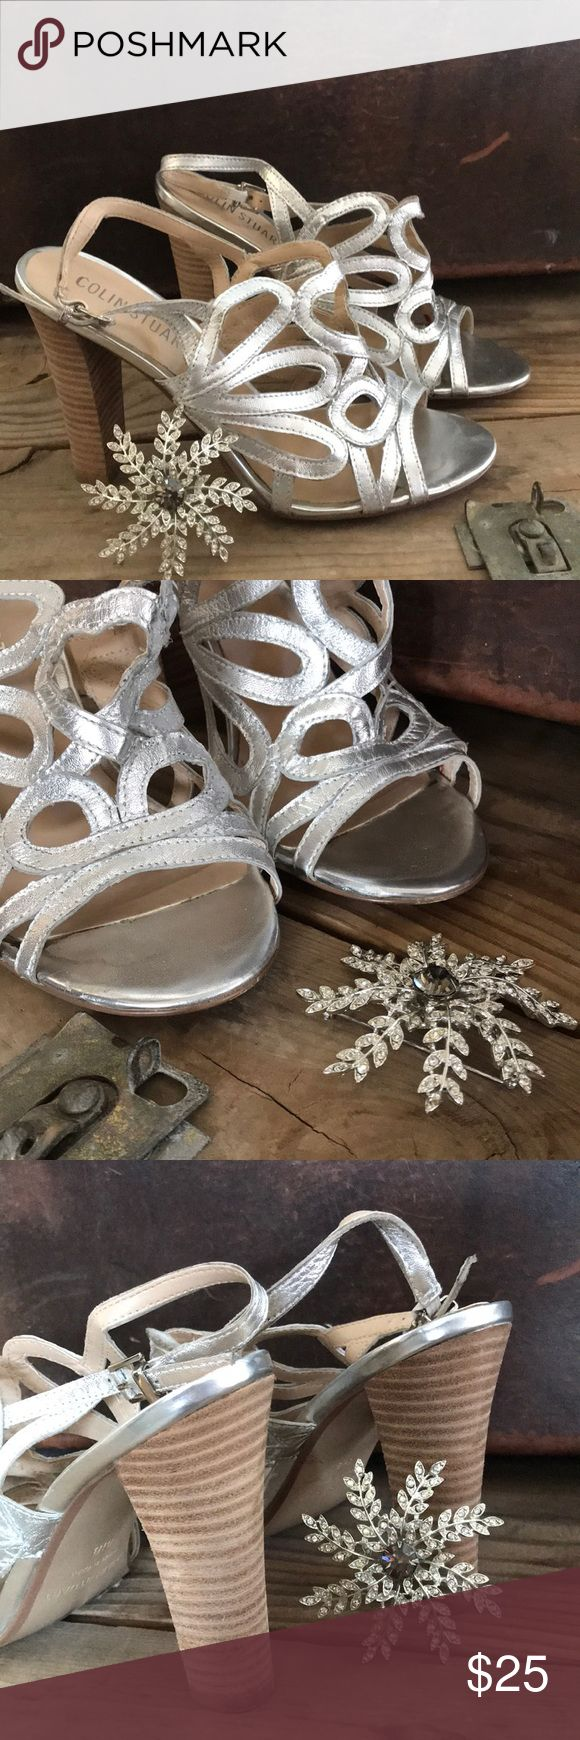 Colin Stuart Heels Silver, open-toed heels by Colin Stuart. Heel strap. Colin Stuart Shoes Heels